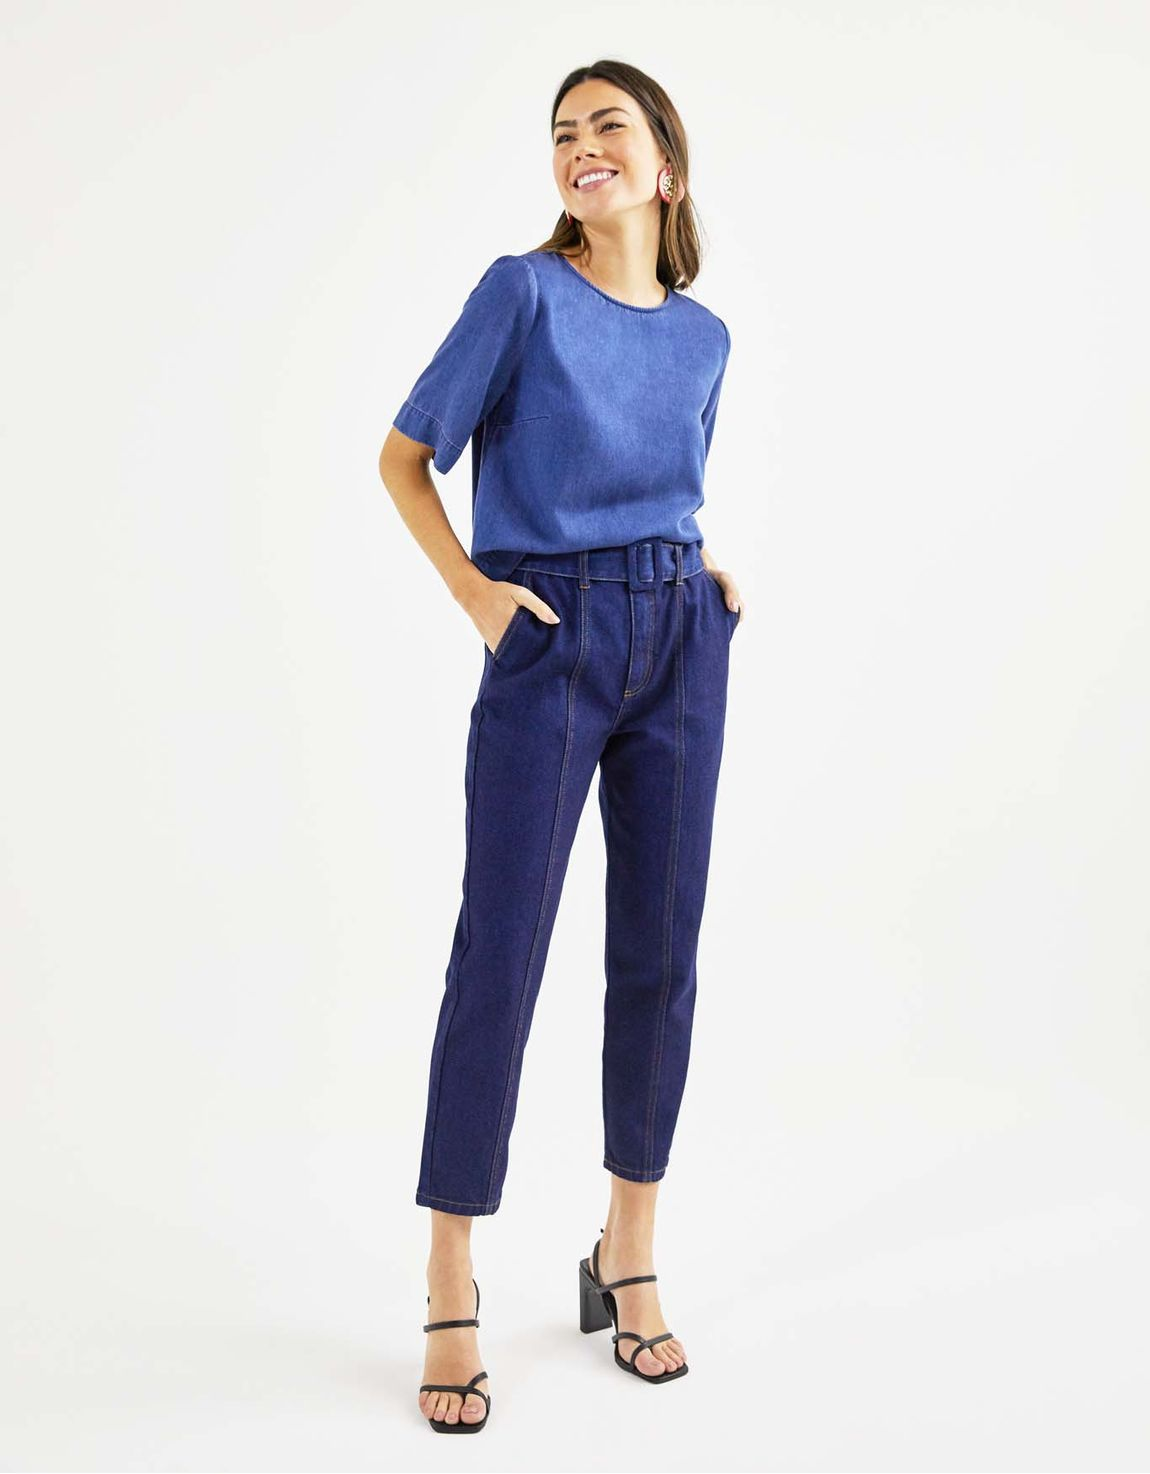 Calça jeans slim recorte frontal e cint